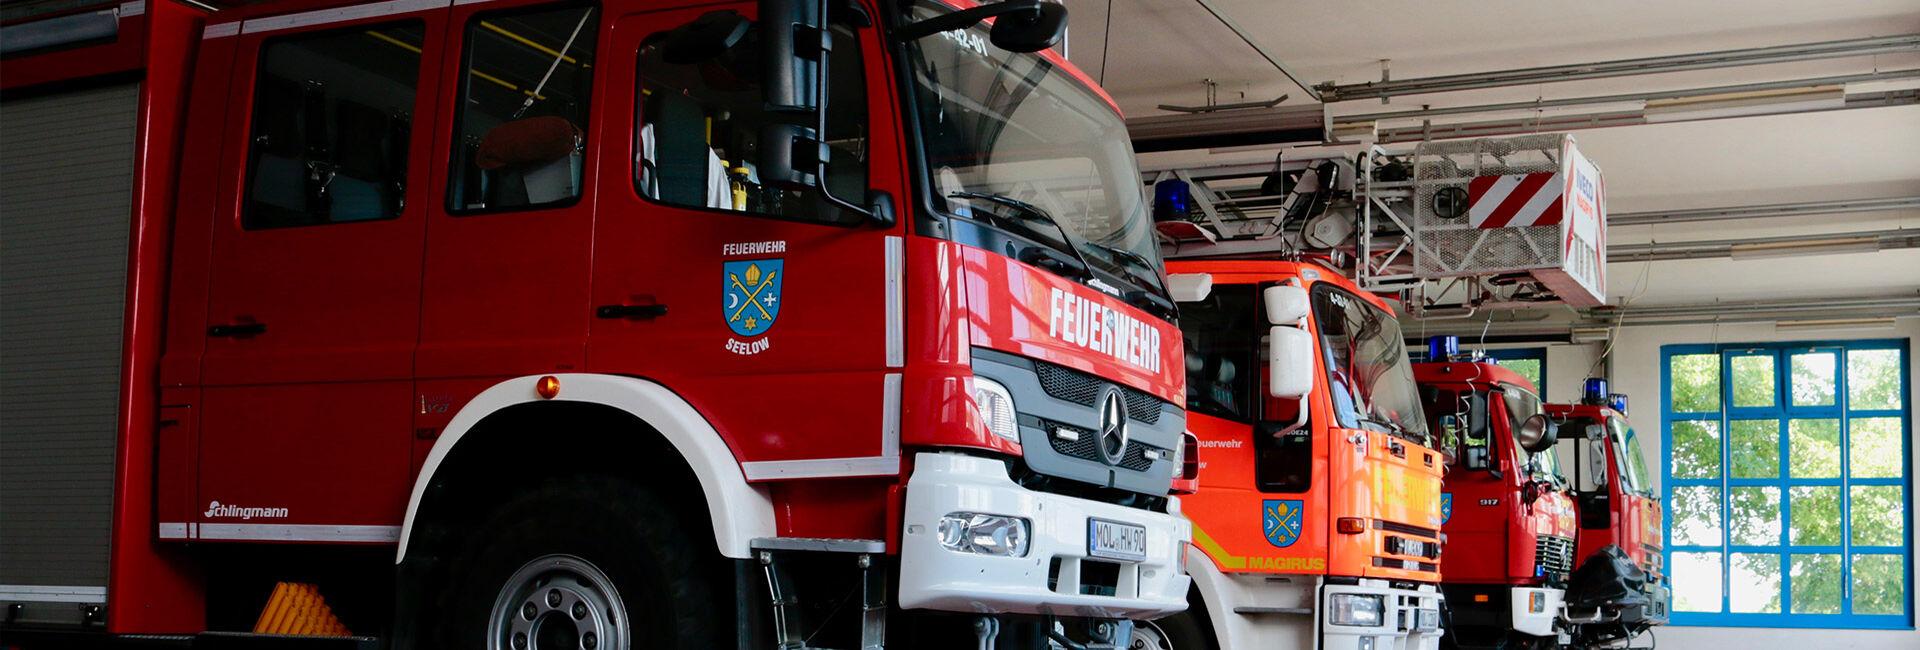 Fahrzeughalle der Freiwilligen Feuerwehr Seelow